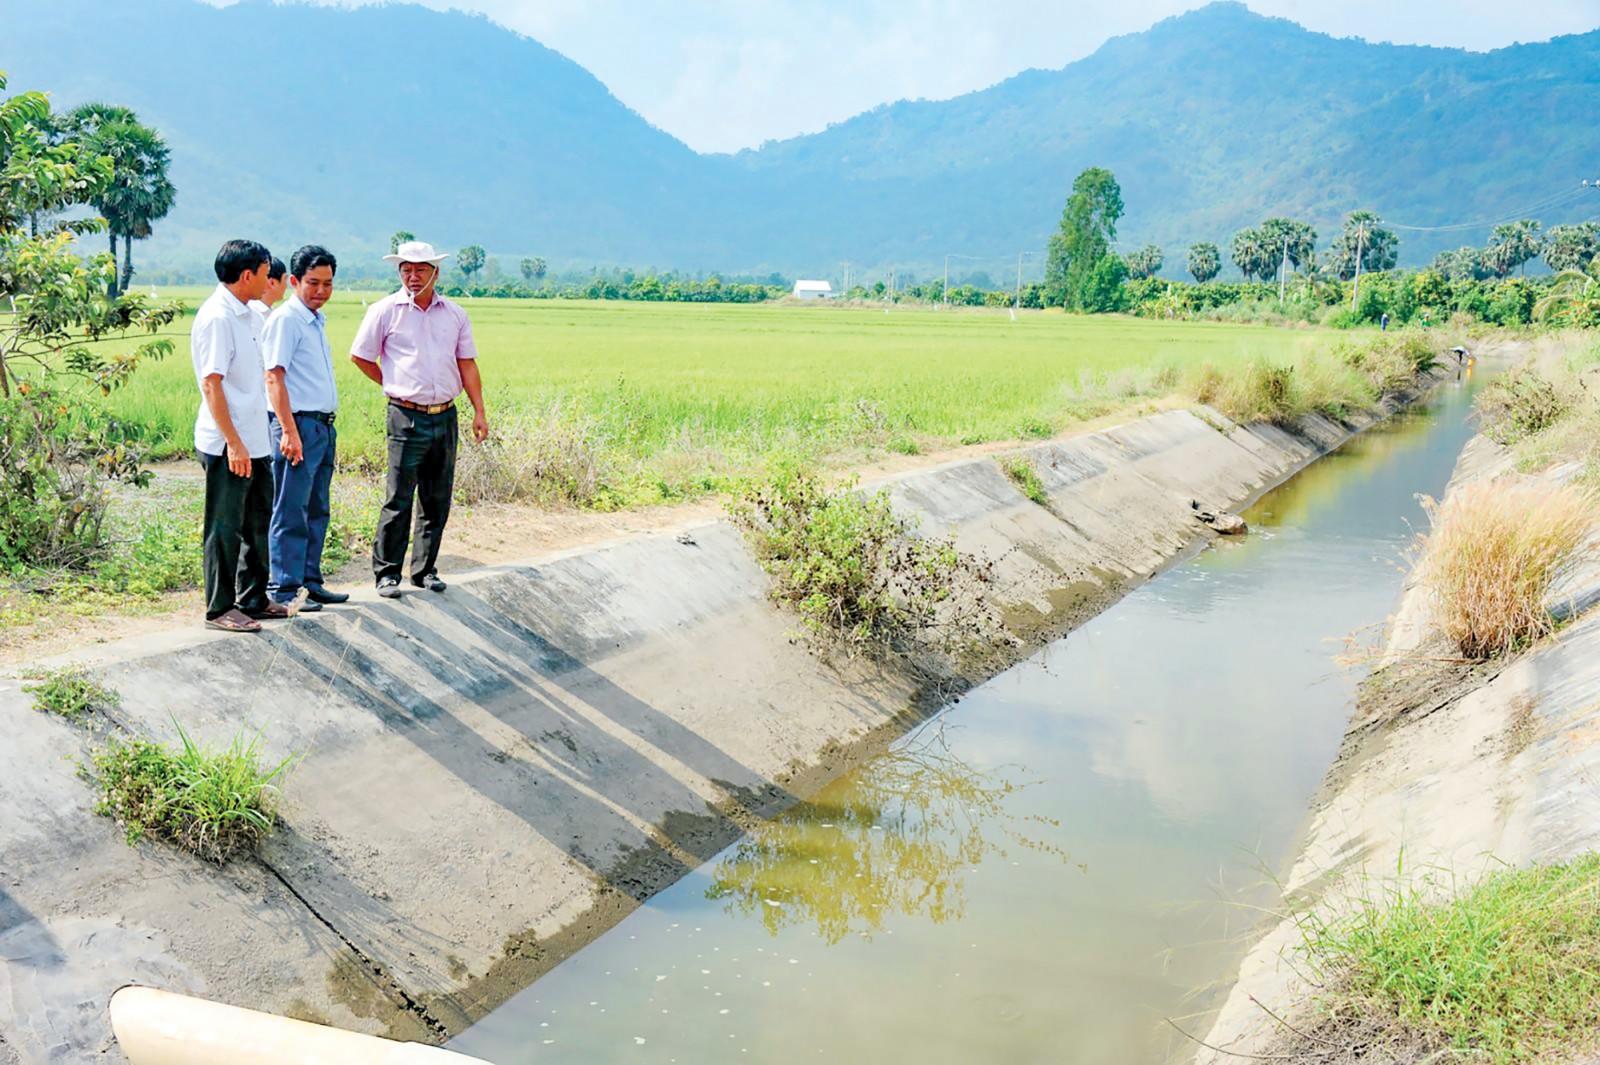 Nhiều tuyến kênh nội đồng tại An Giang đang kiệt nước. Ảnh: BÌNH NGUYÊN